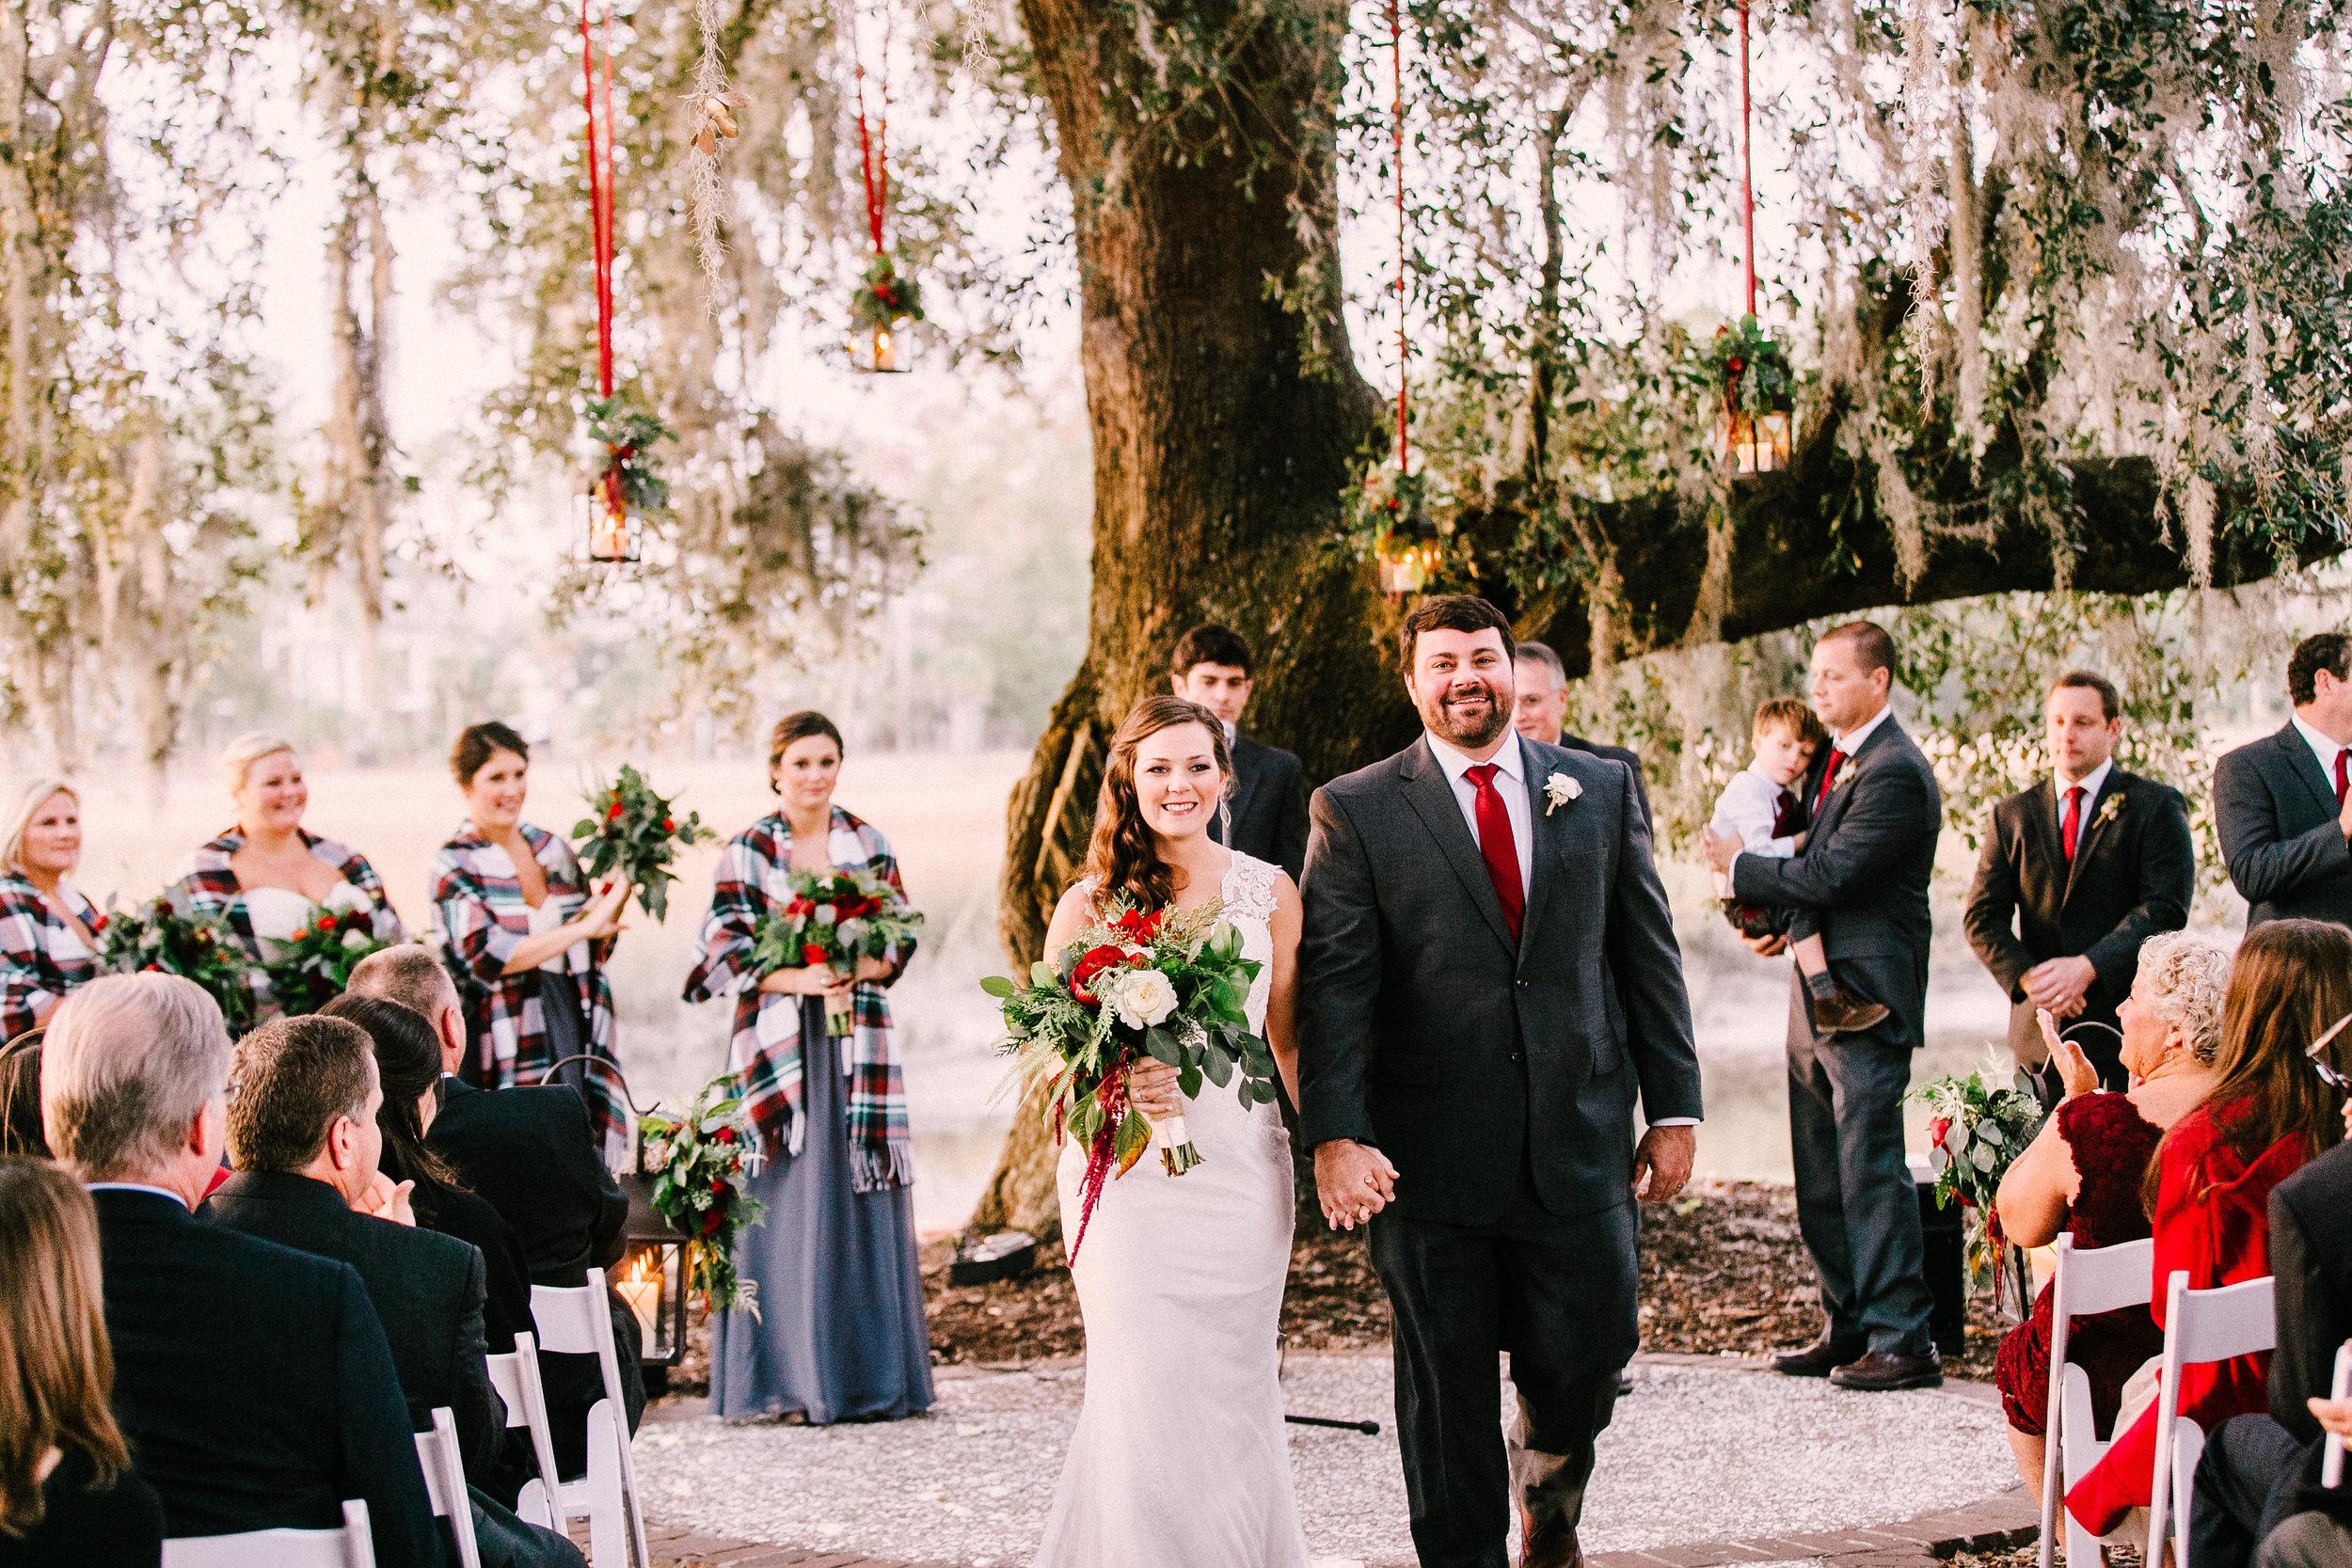 dunes-west-wedding-19.jpg